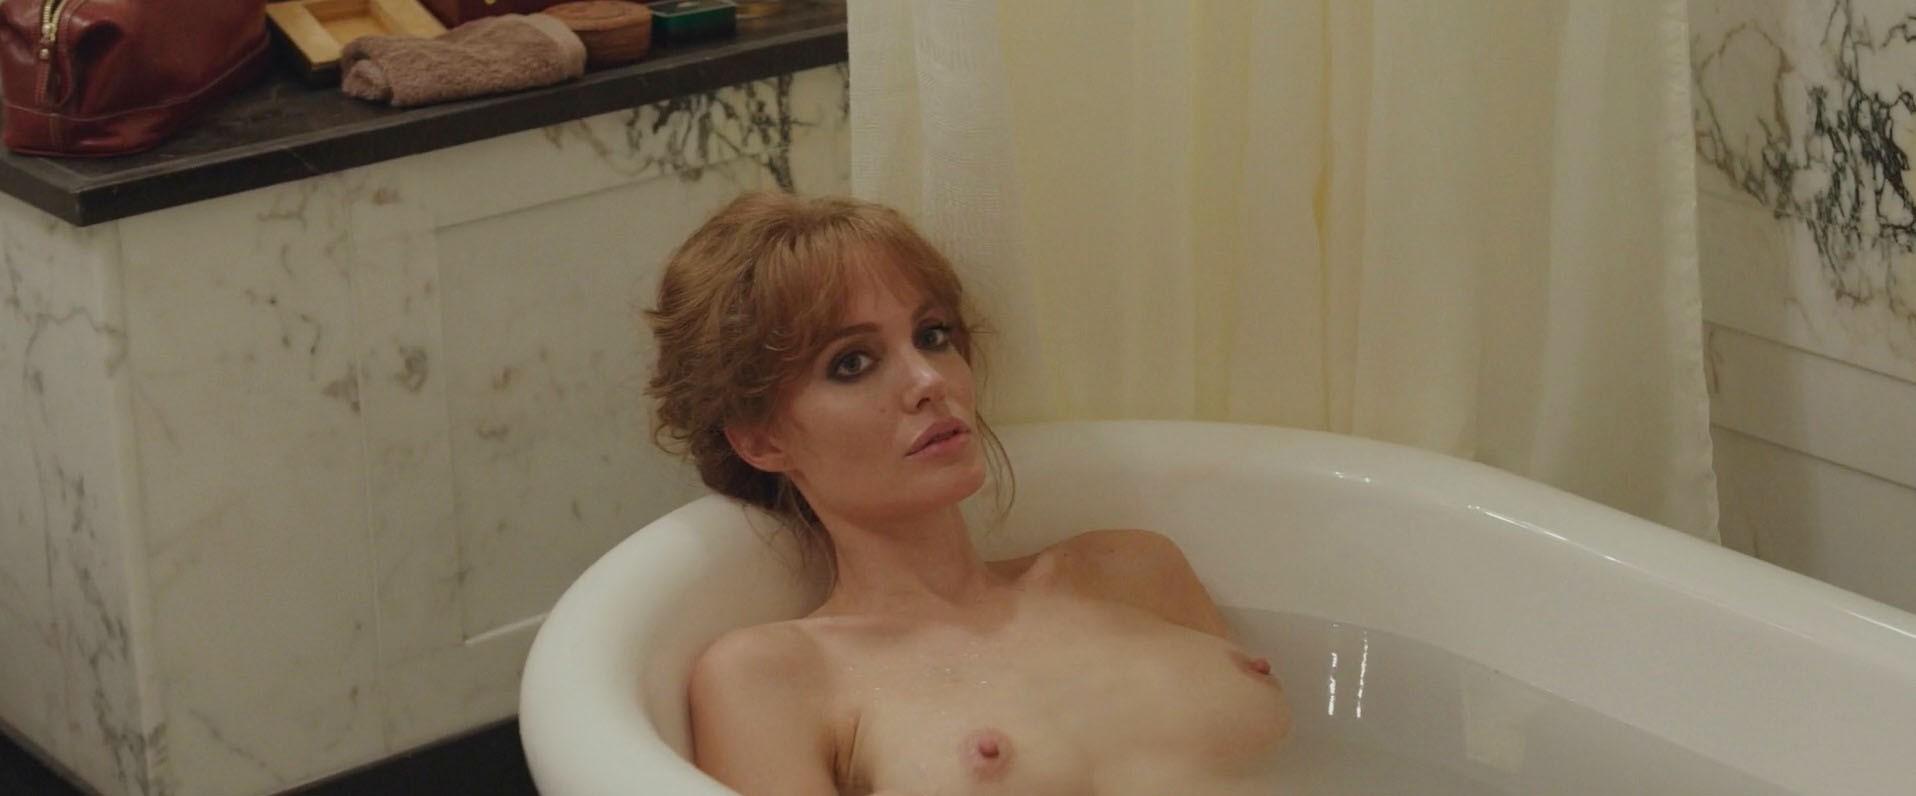 Angelina Jolie Film Nuda angelina jolie nude, naked - pics and videos - imperiodefamosas